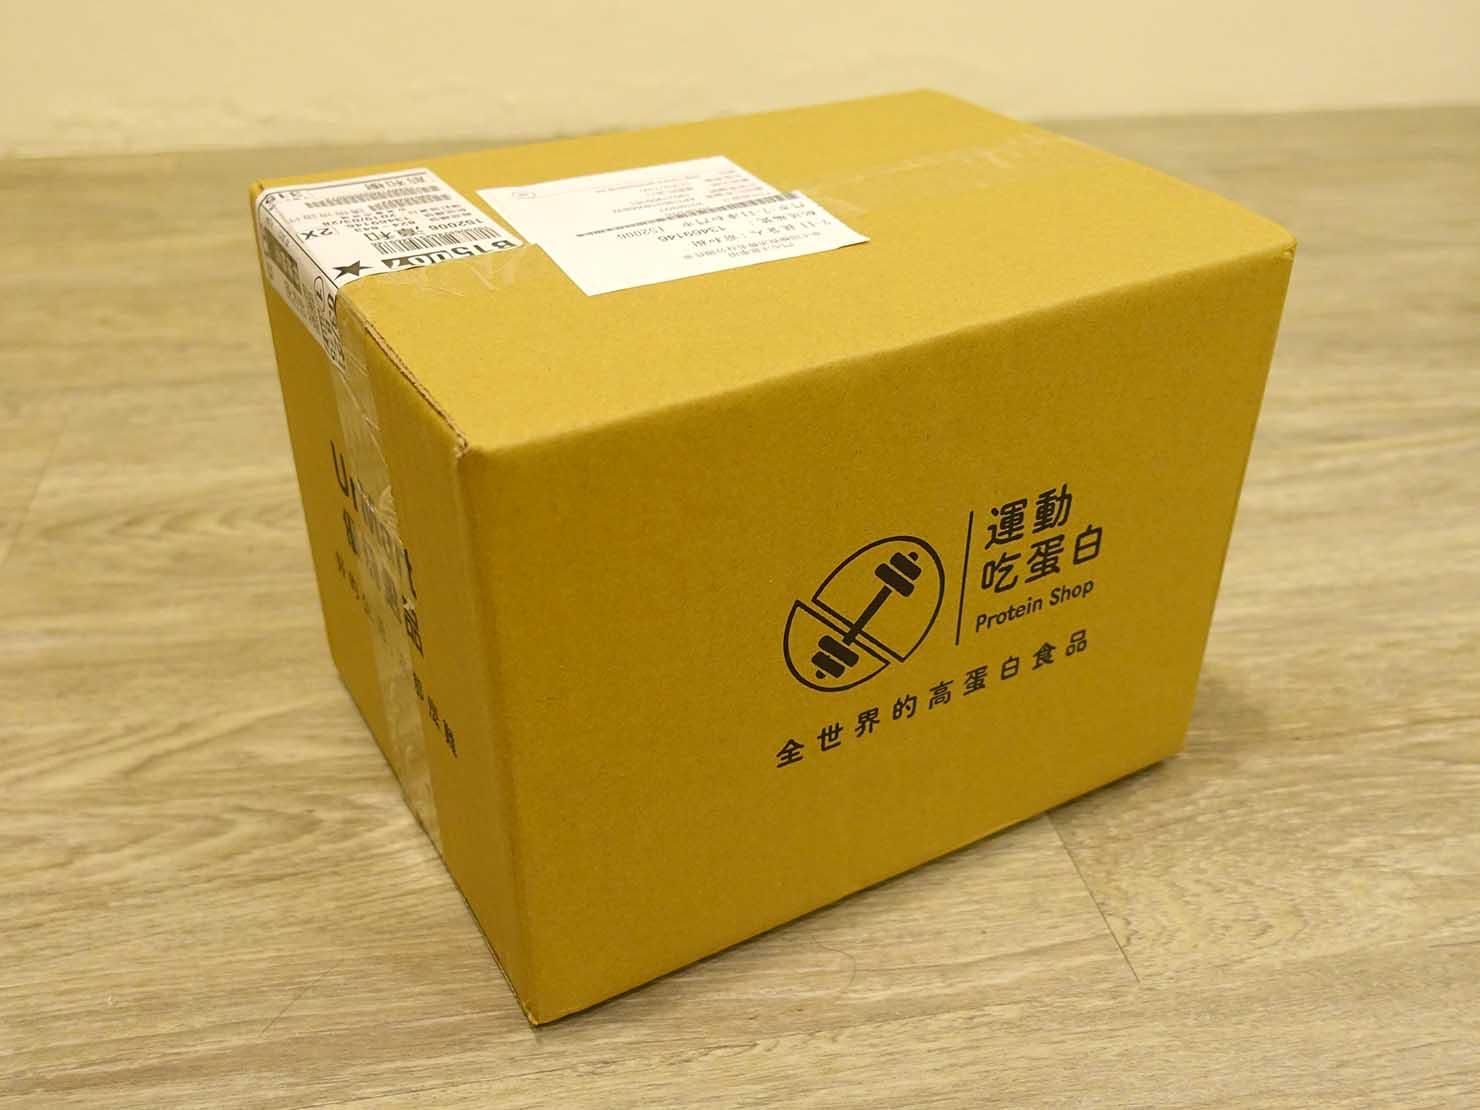 台湾のプロテイン専門サイト「運動吃蛋白」の小包